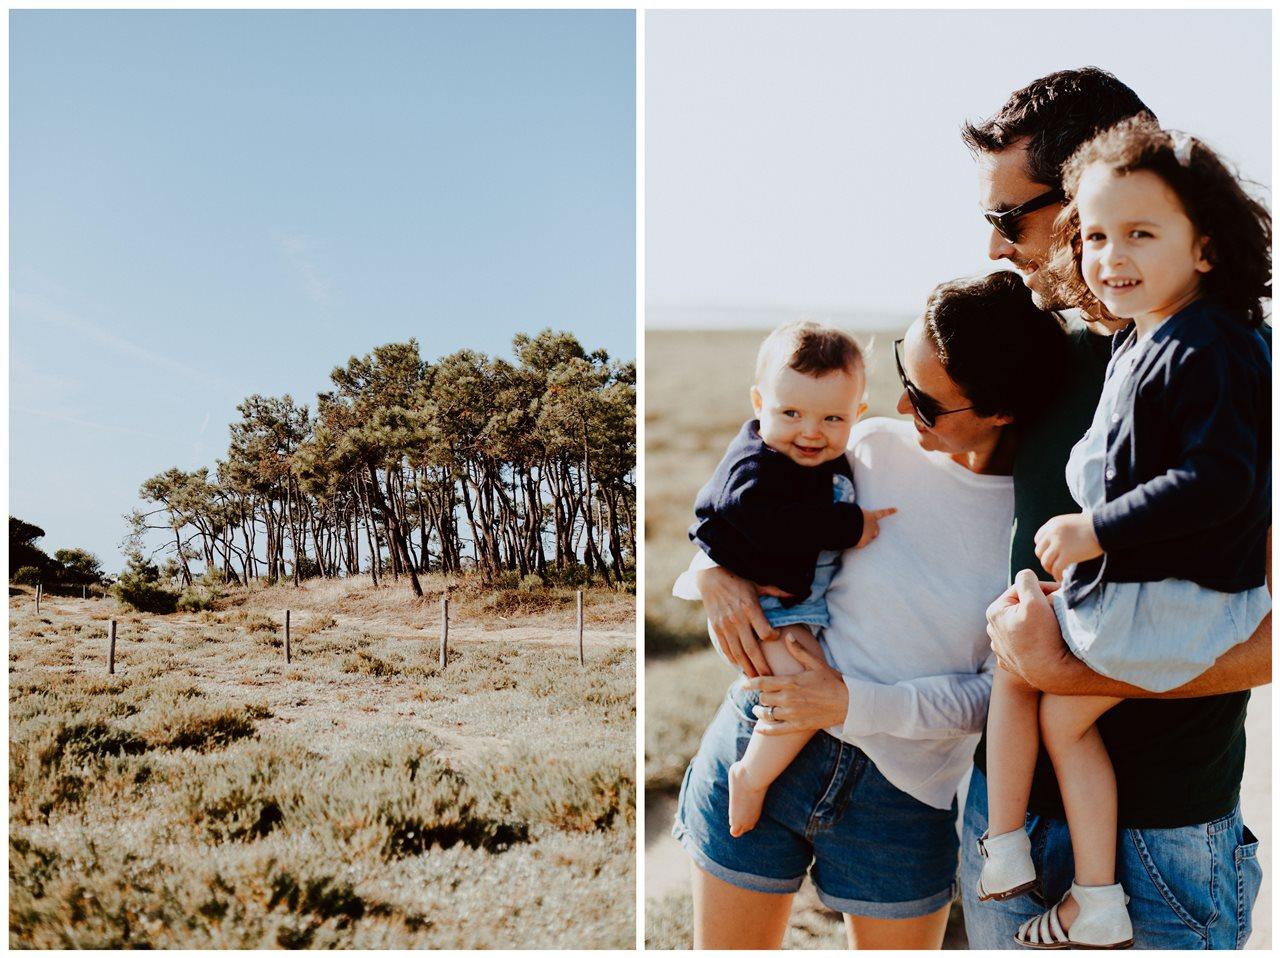 séance-photo-famille-Pen-Bron-paysage-portrait-famille